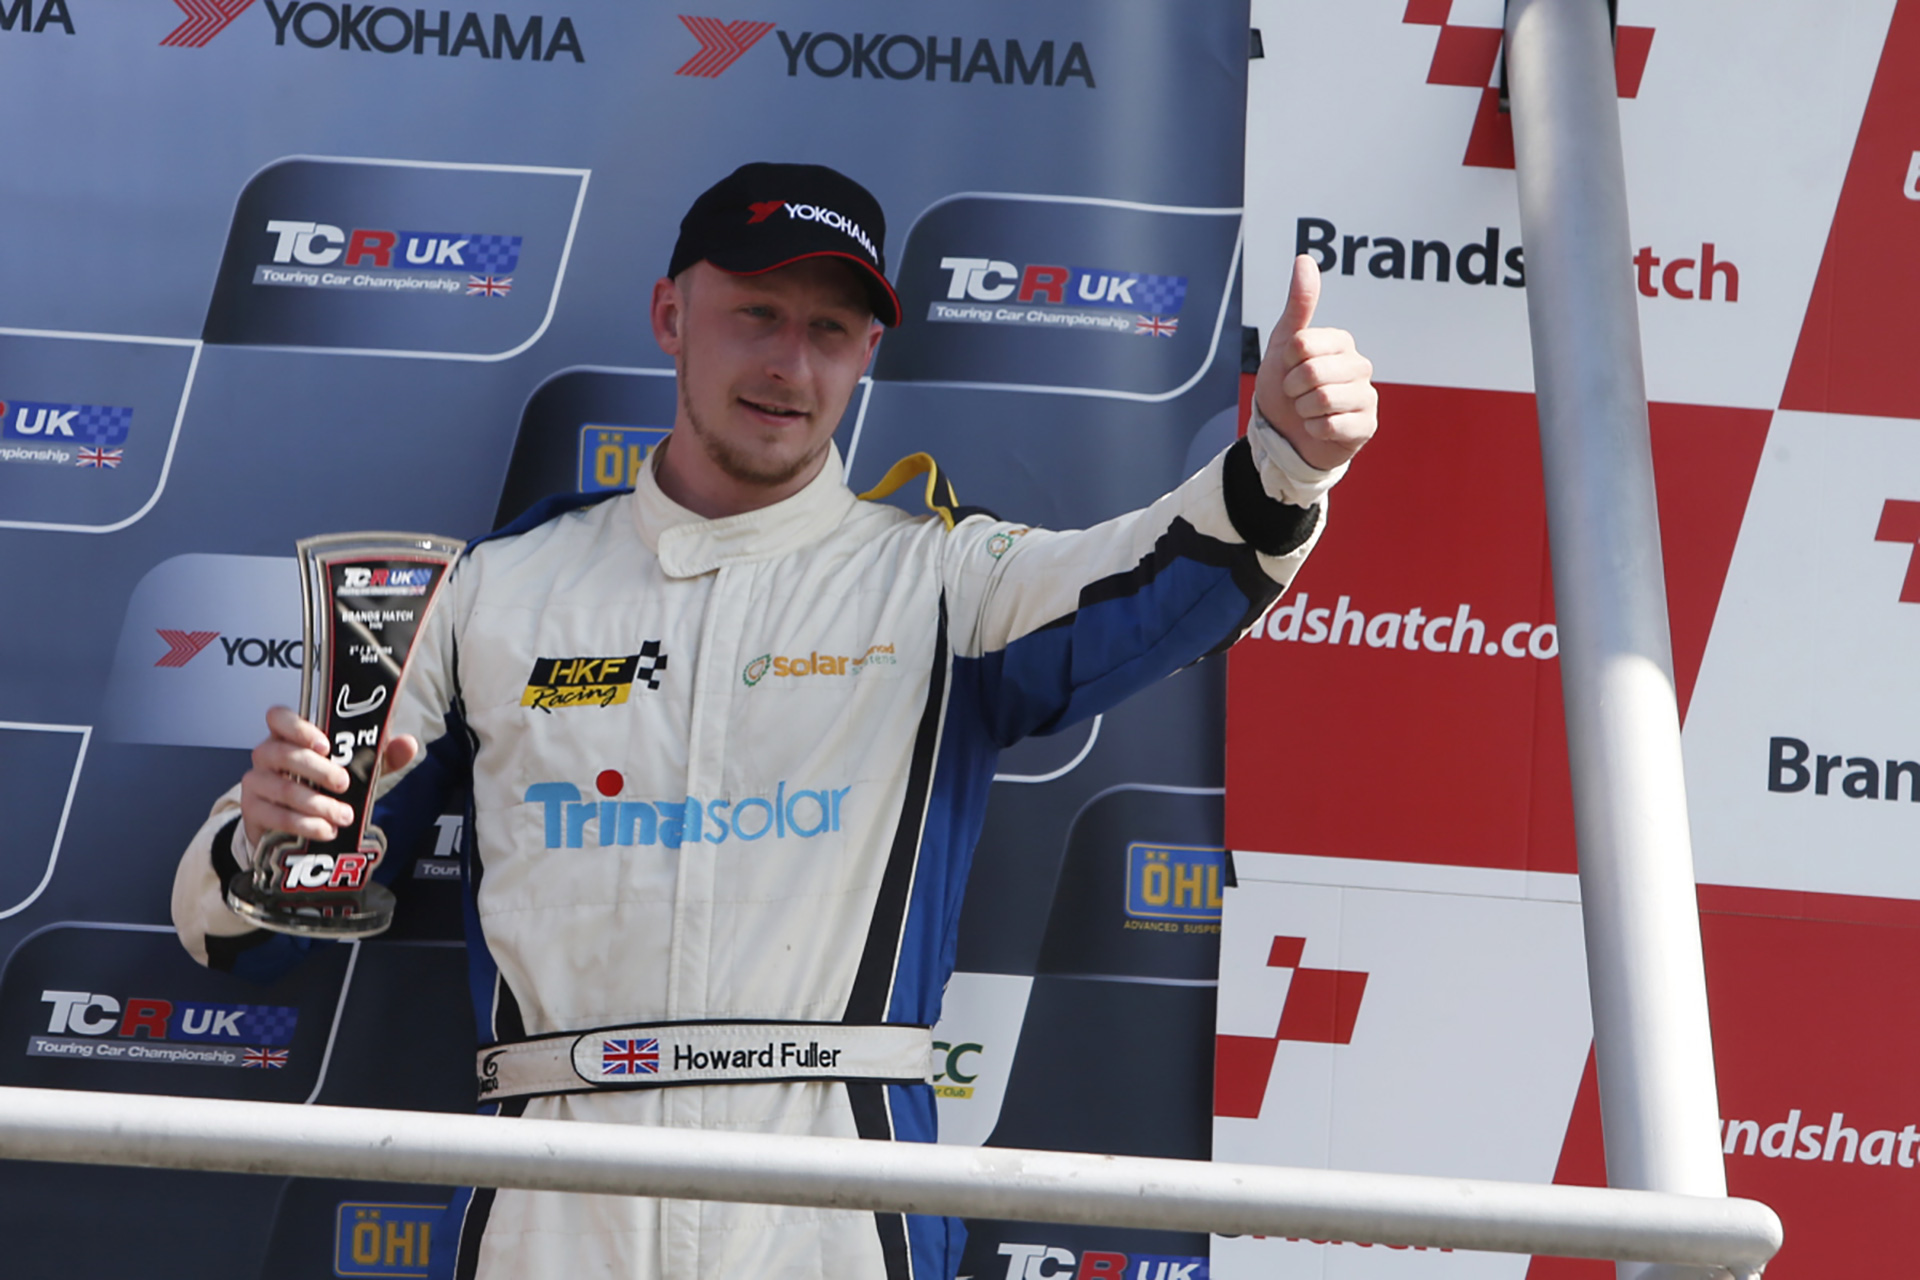 Series returnee Howard Fuller claims first TCR UK podium.